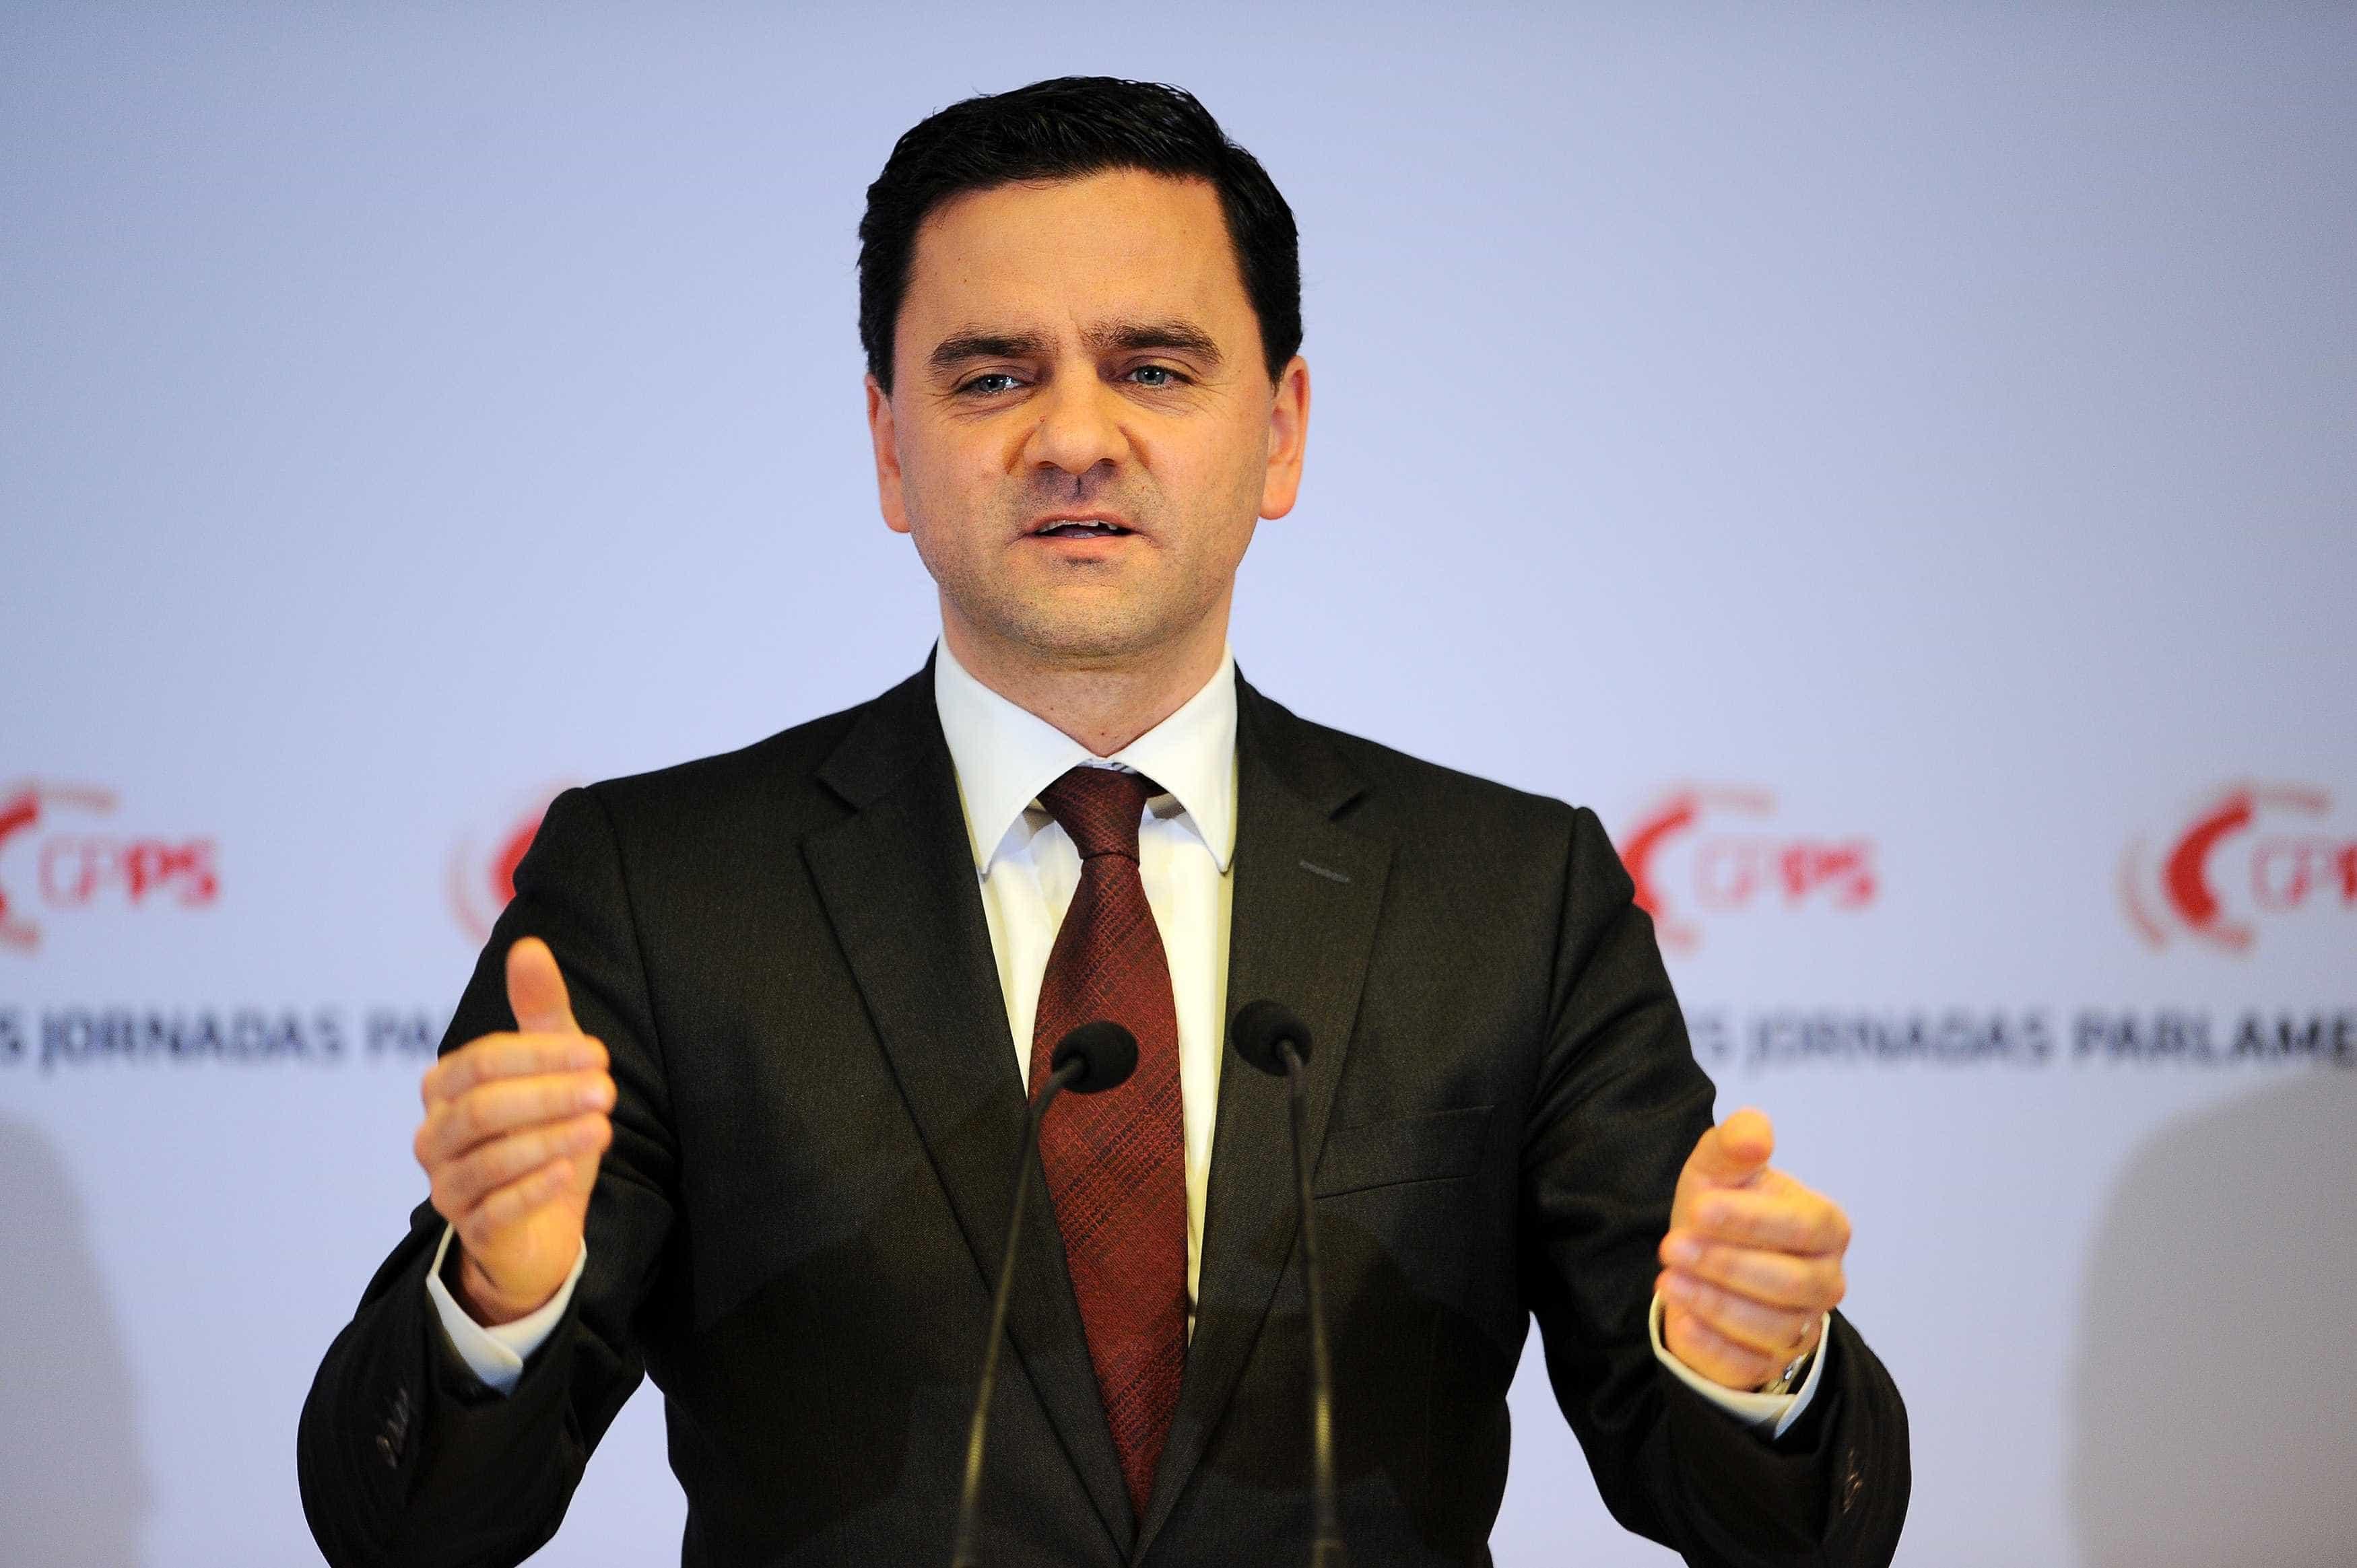 PS propõe no seu manifesto um novo Plano de Investimento para a Europa